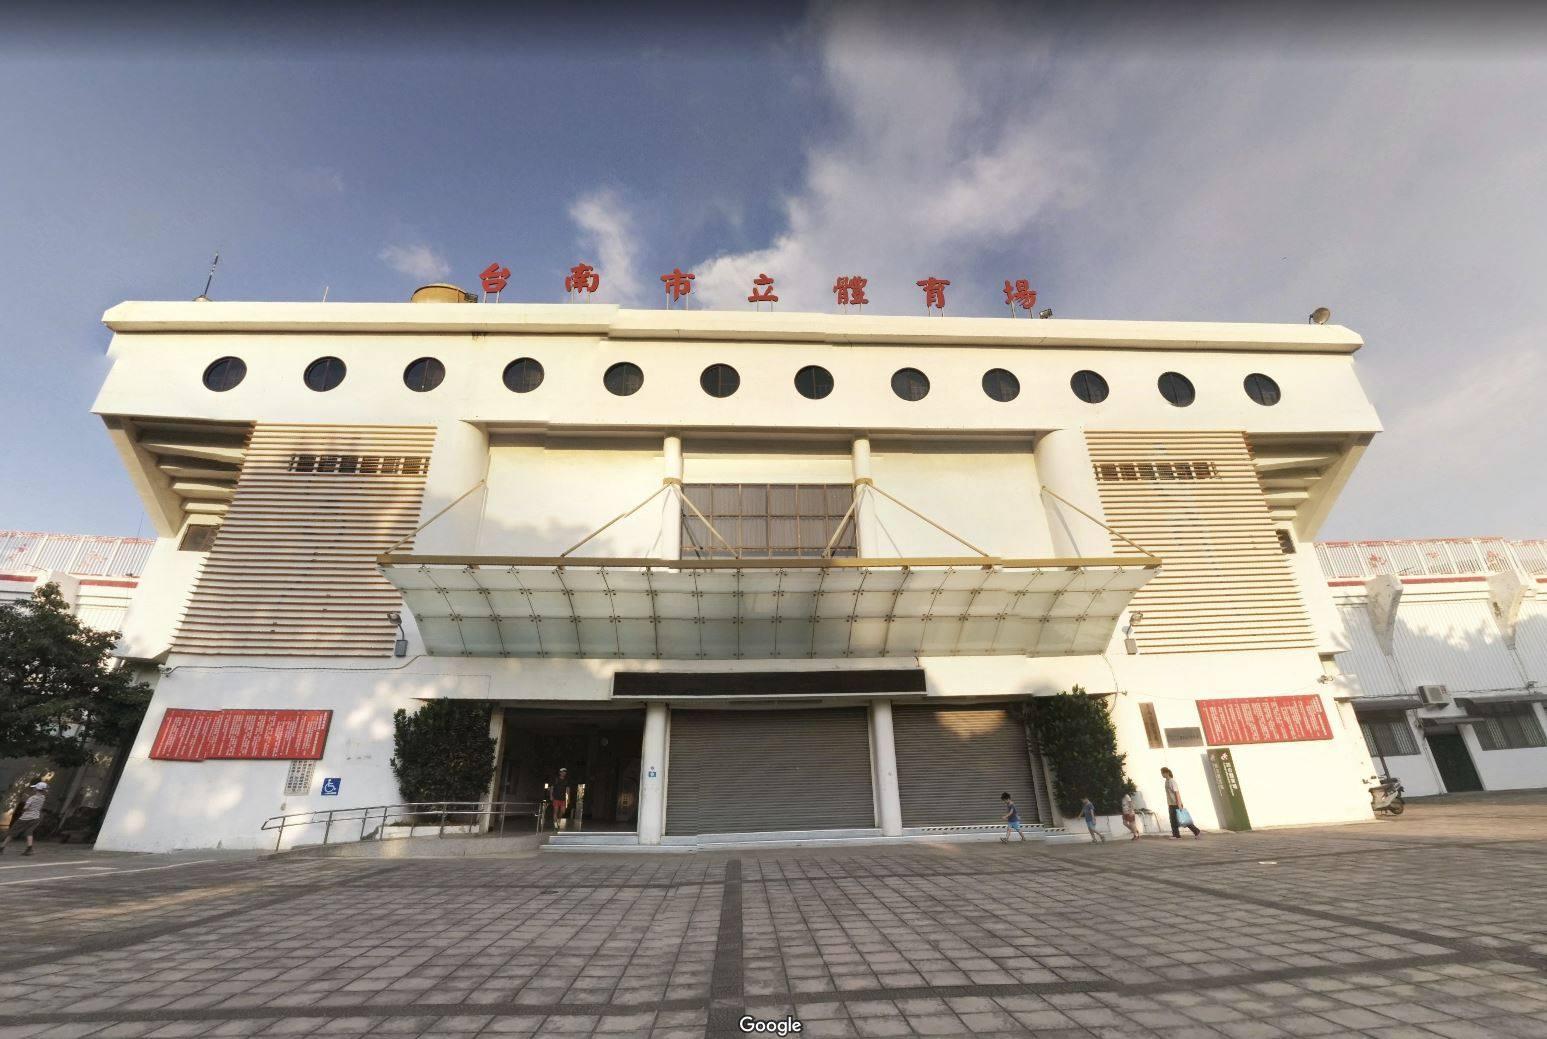 安平夜跑xRQ線上跑團 - 台南體育場揪團跑